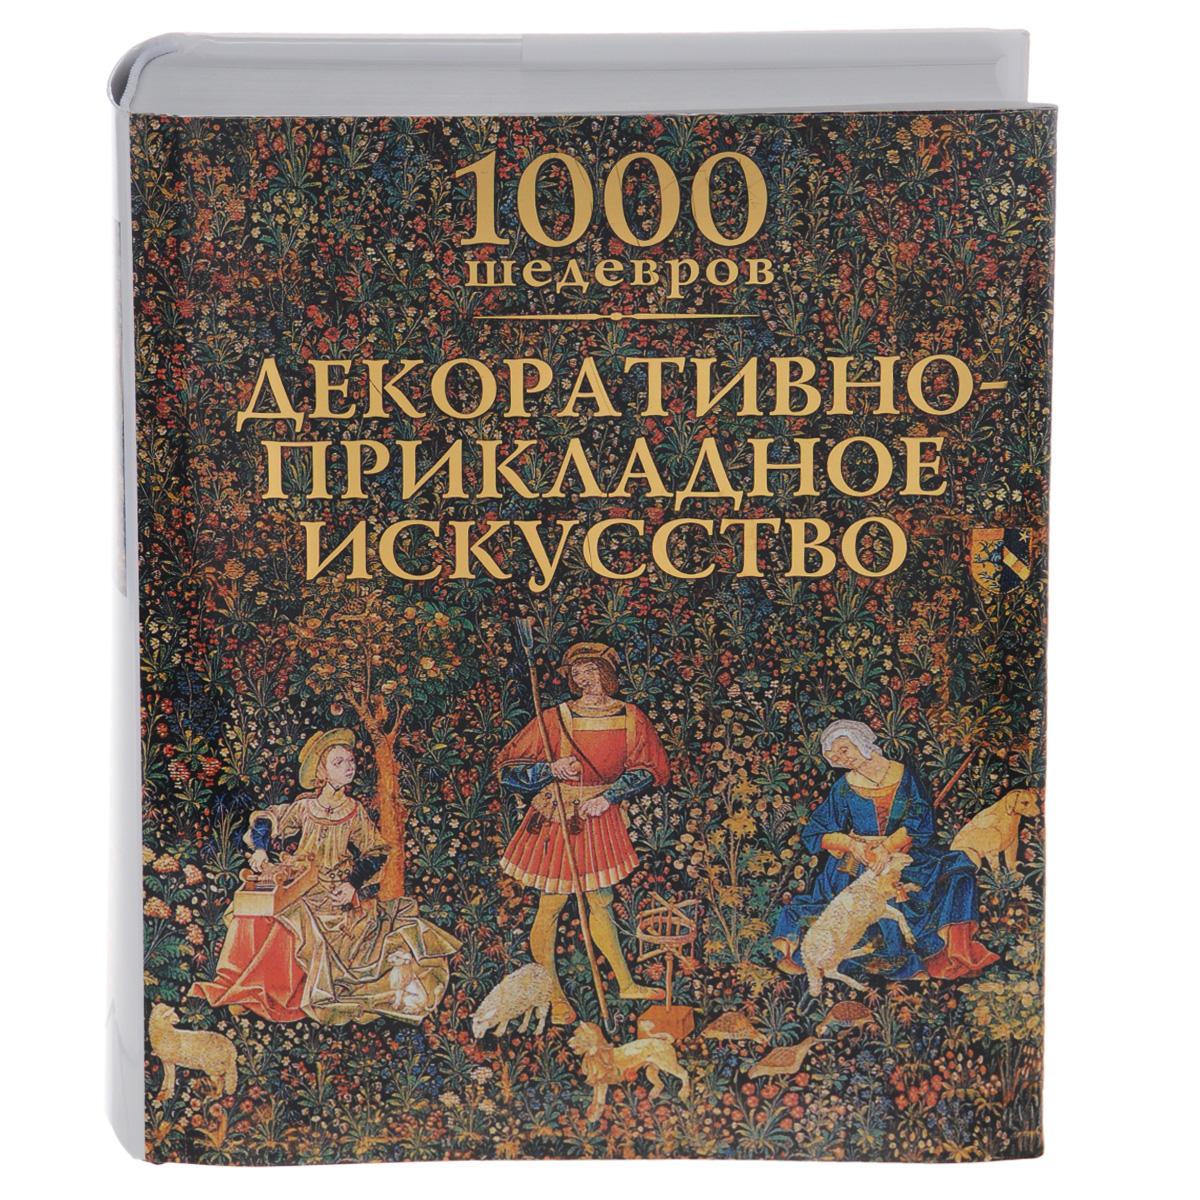 Виктория Чарльз 1000 шедевров. Декоративно-прикладное искусство